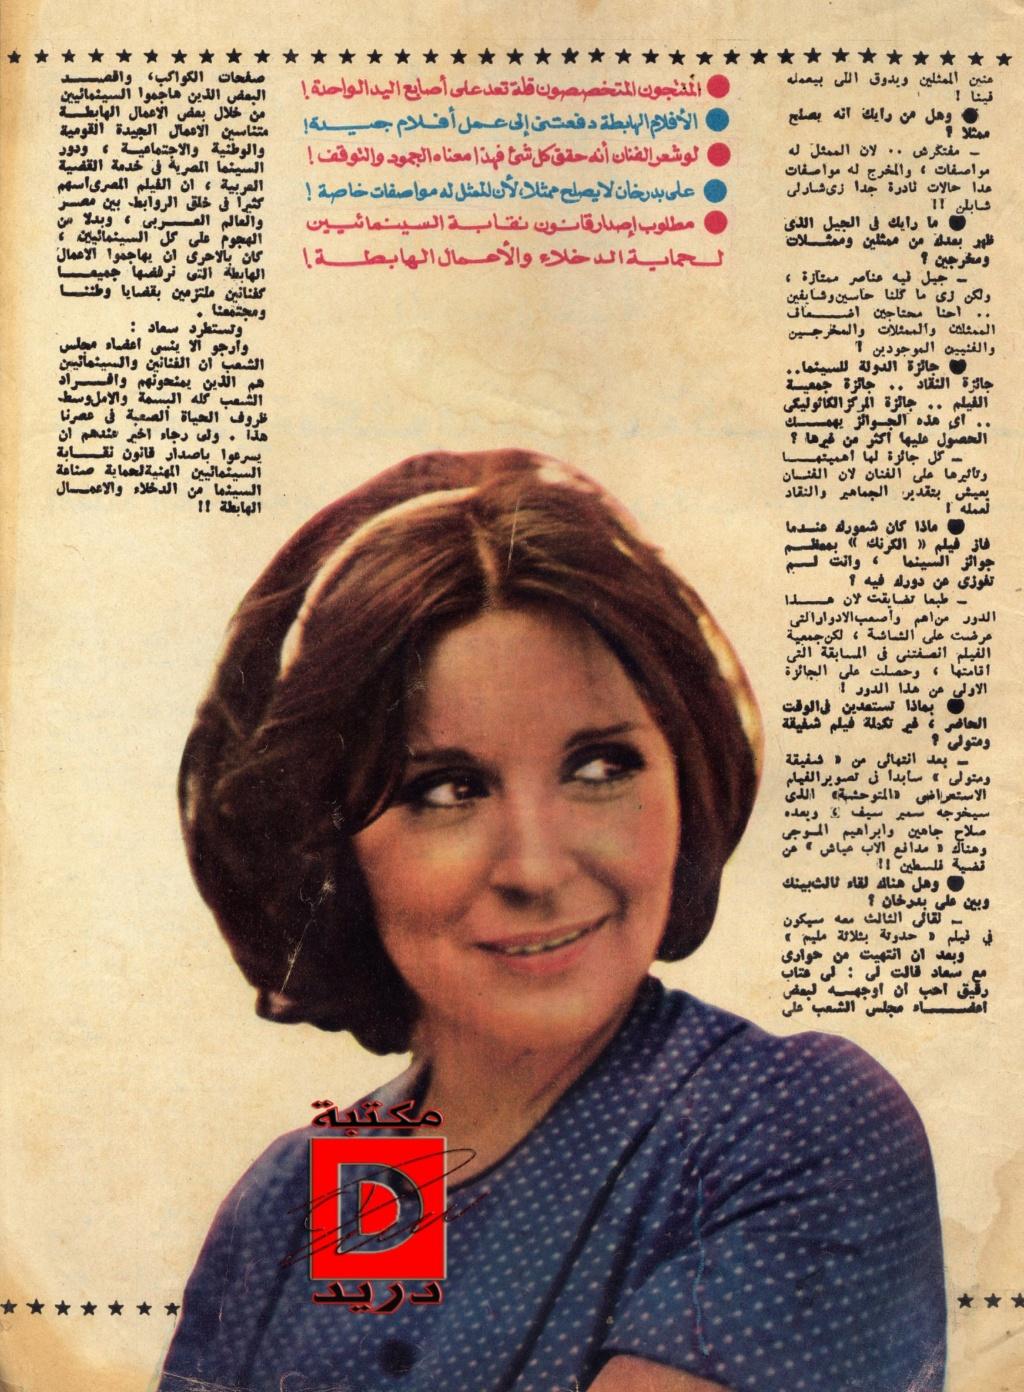 سعاد - حوار صحفي : سعاد حسني .. ارتفاع الأجور الفنية .. ظاهرة صحفية لا .. صحيّة ! 1977 م 320